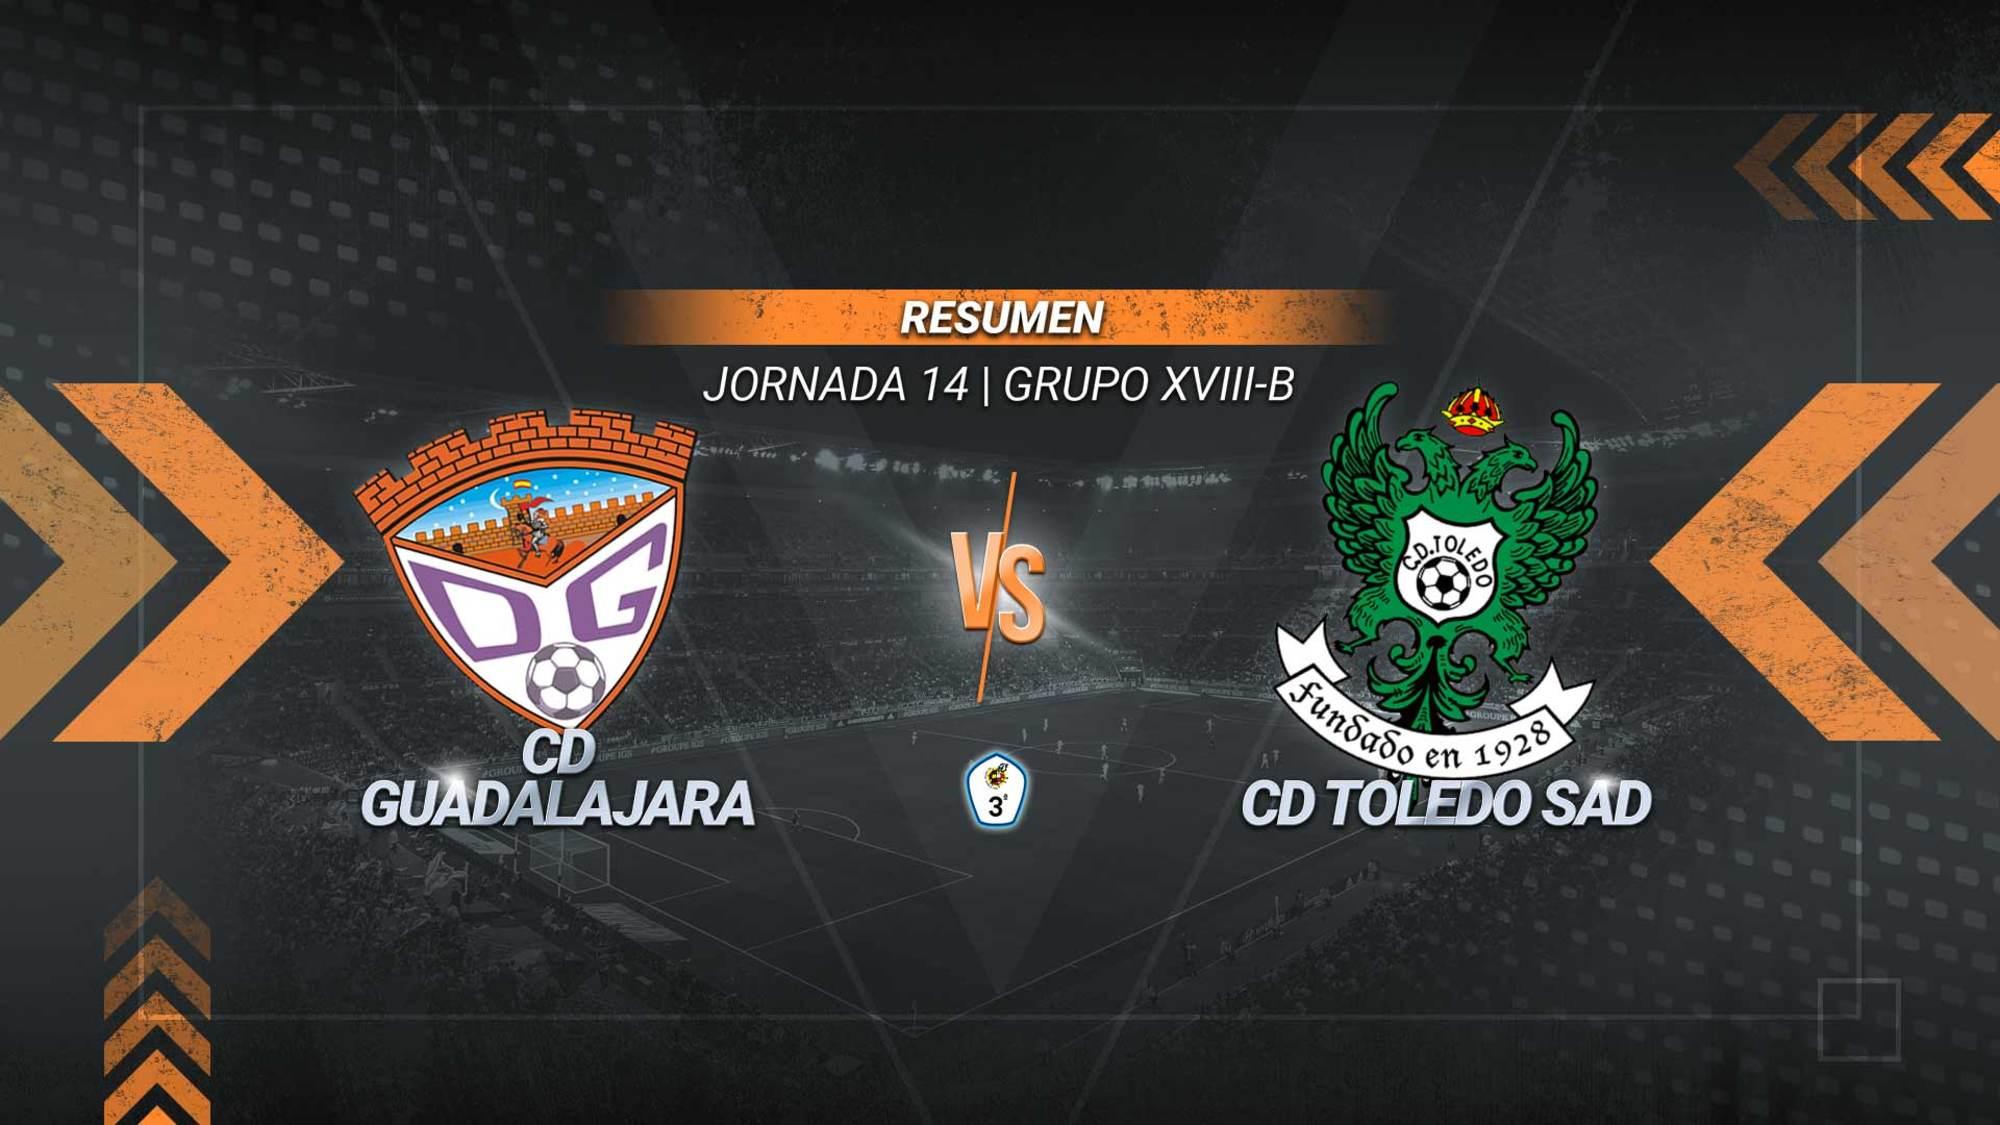 Joan Grasa y Ale Revuelta dan la victoria al Deportivo Guadalajara y mantienen al conjunto alcarreño a dos puntos del liderato. El Toledo se queda tercero y frena su inercia positiva después de encadenar tres victorias.